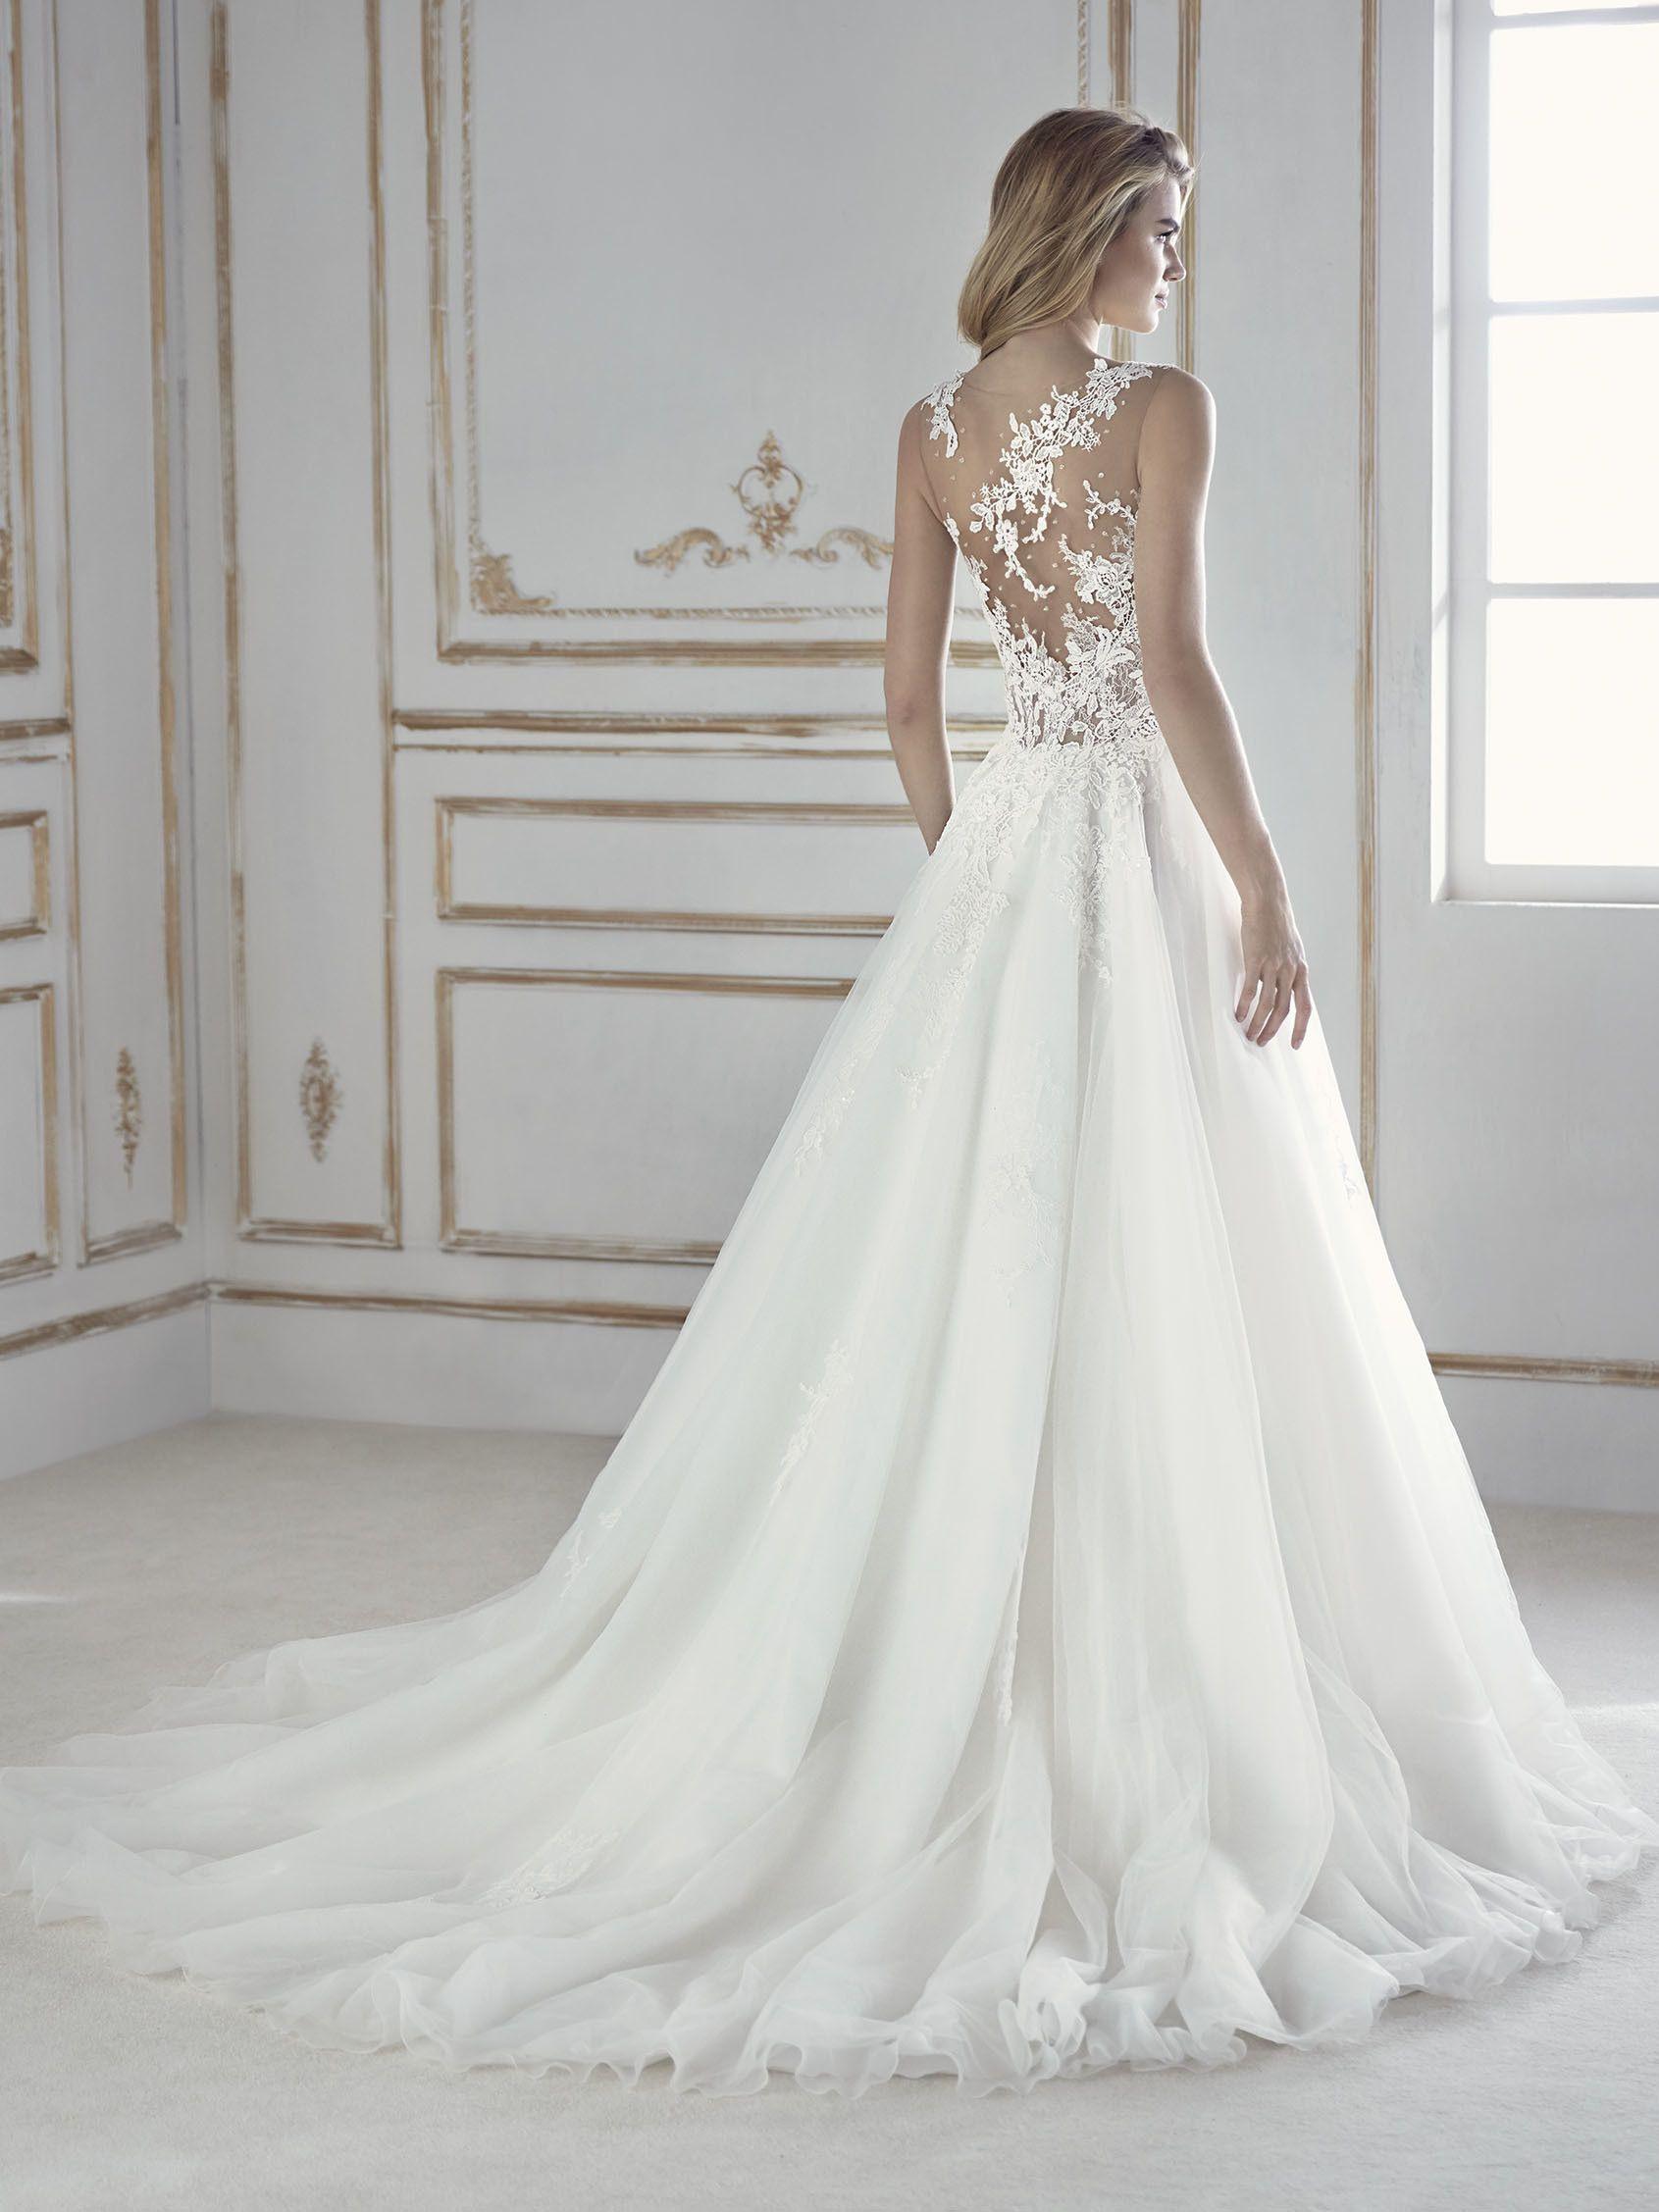 Perla Prinzessin-Stil | Hochzeit Kleidung, Kleid Hochzeit